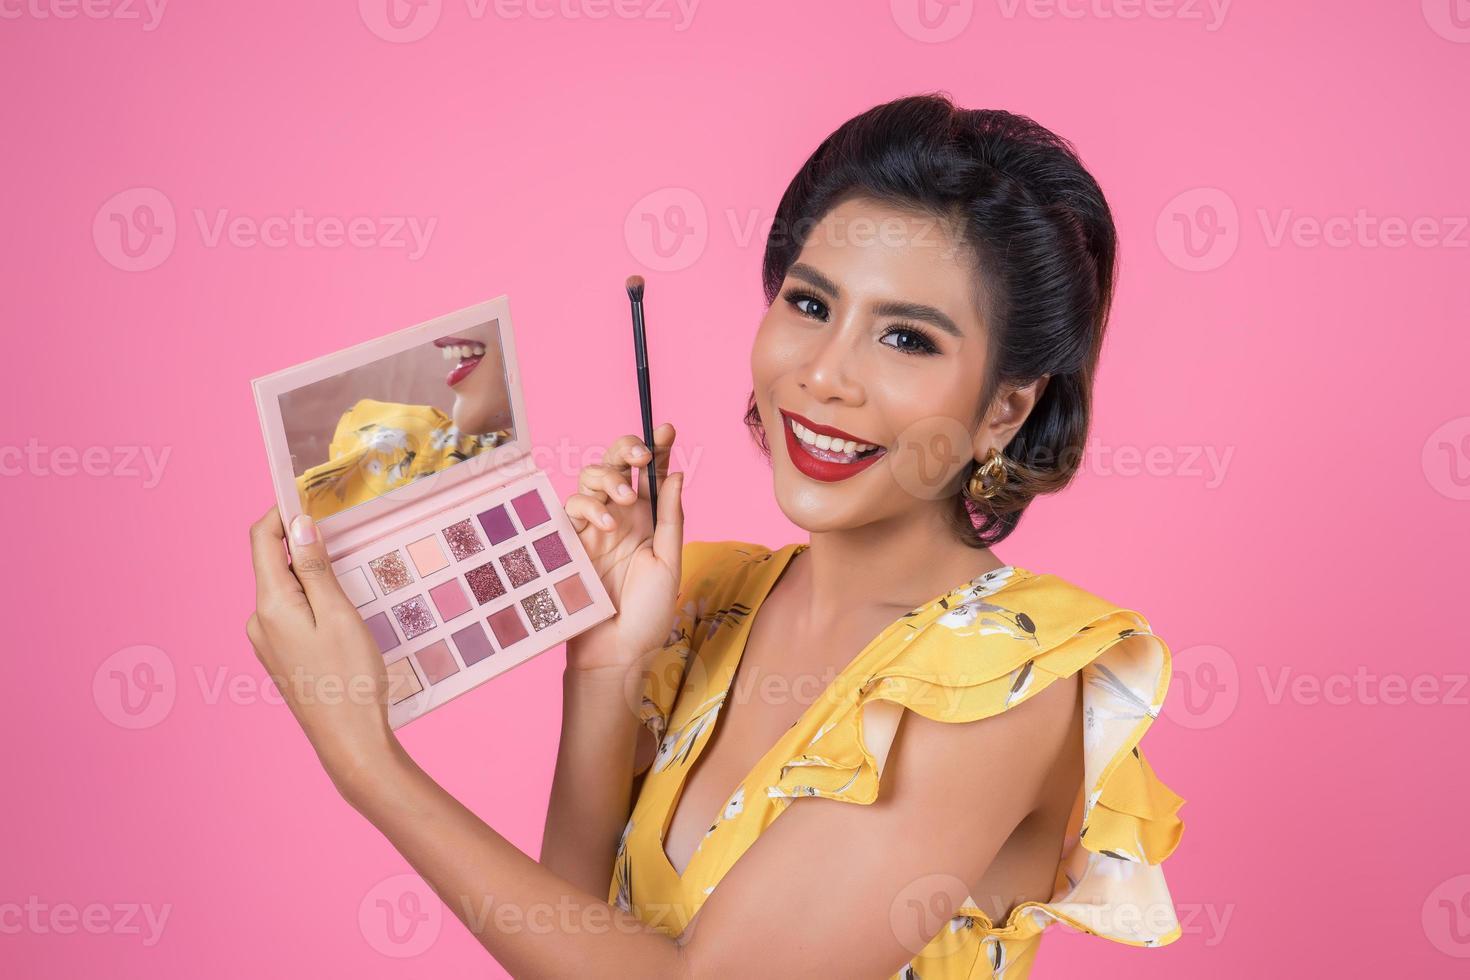 porträtt av en kvinna med smink och kosmetisk borste foto